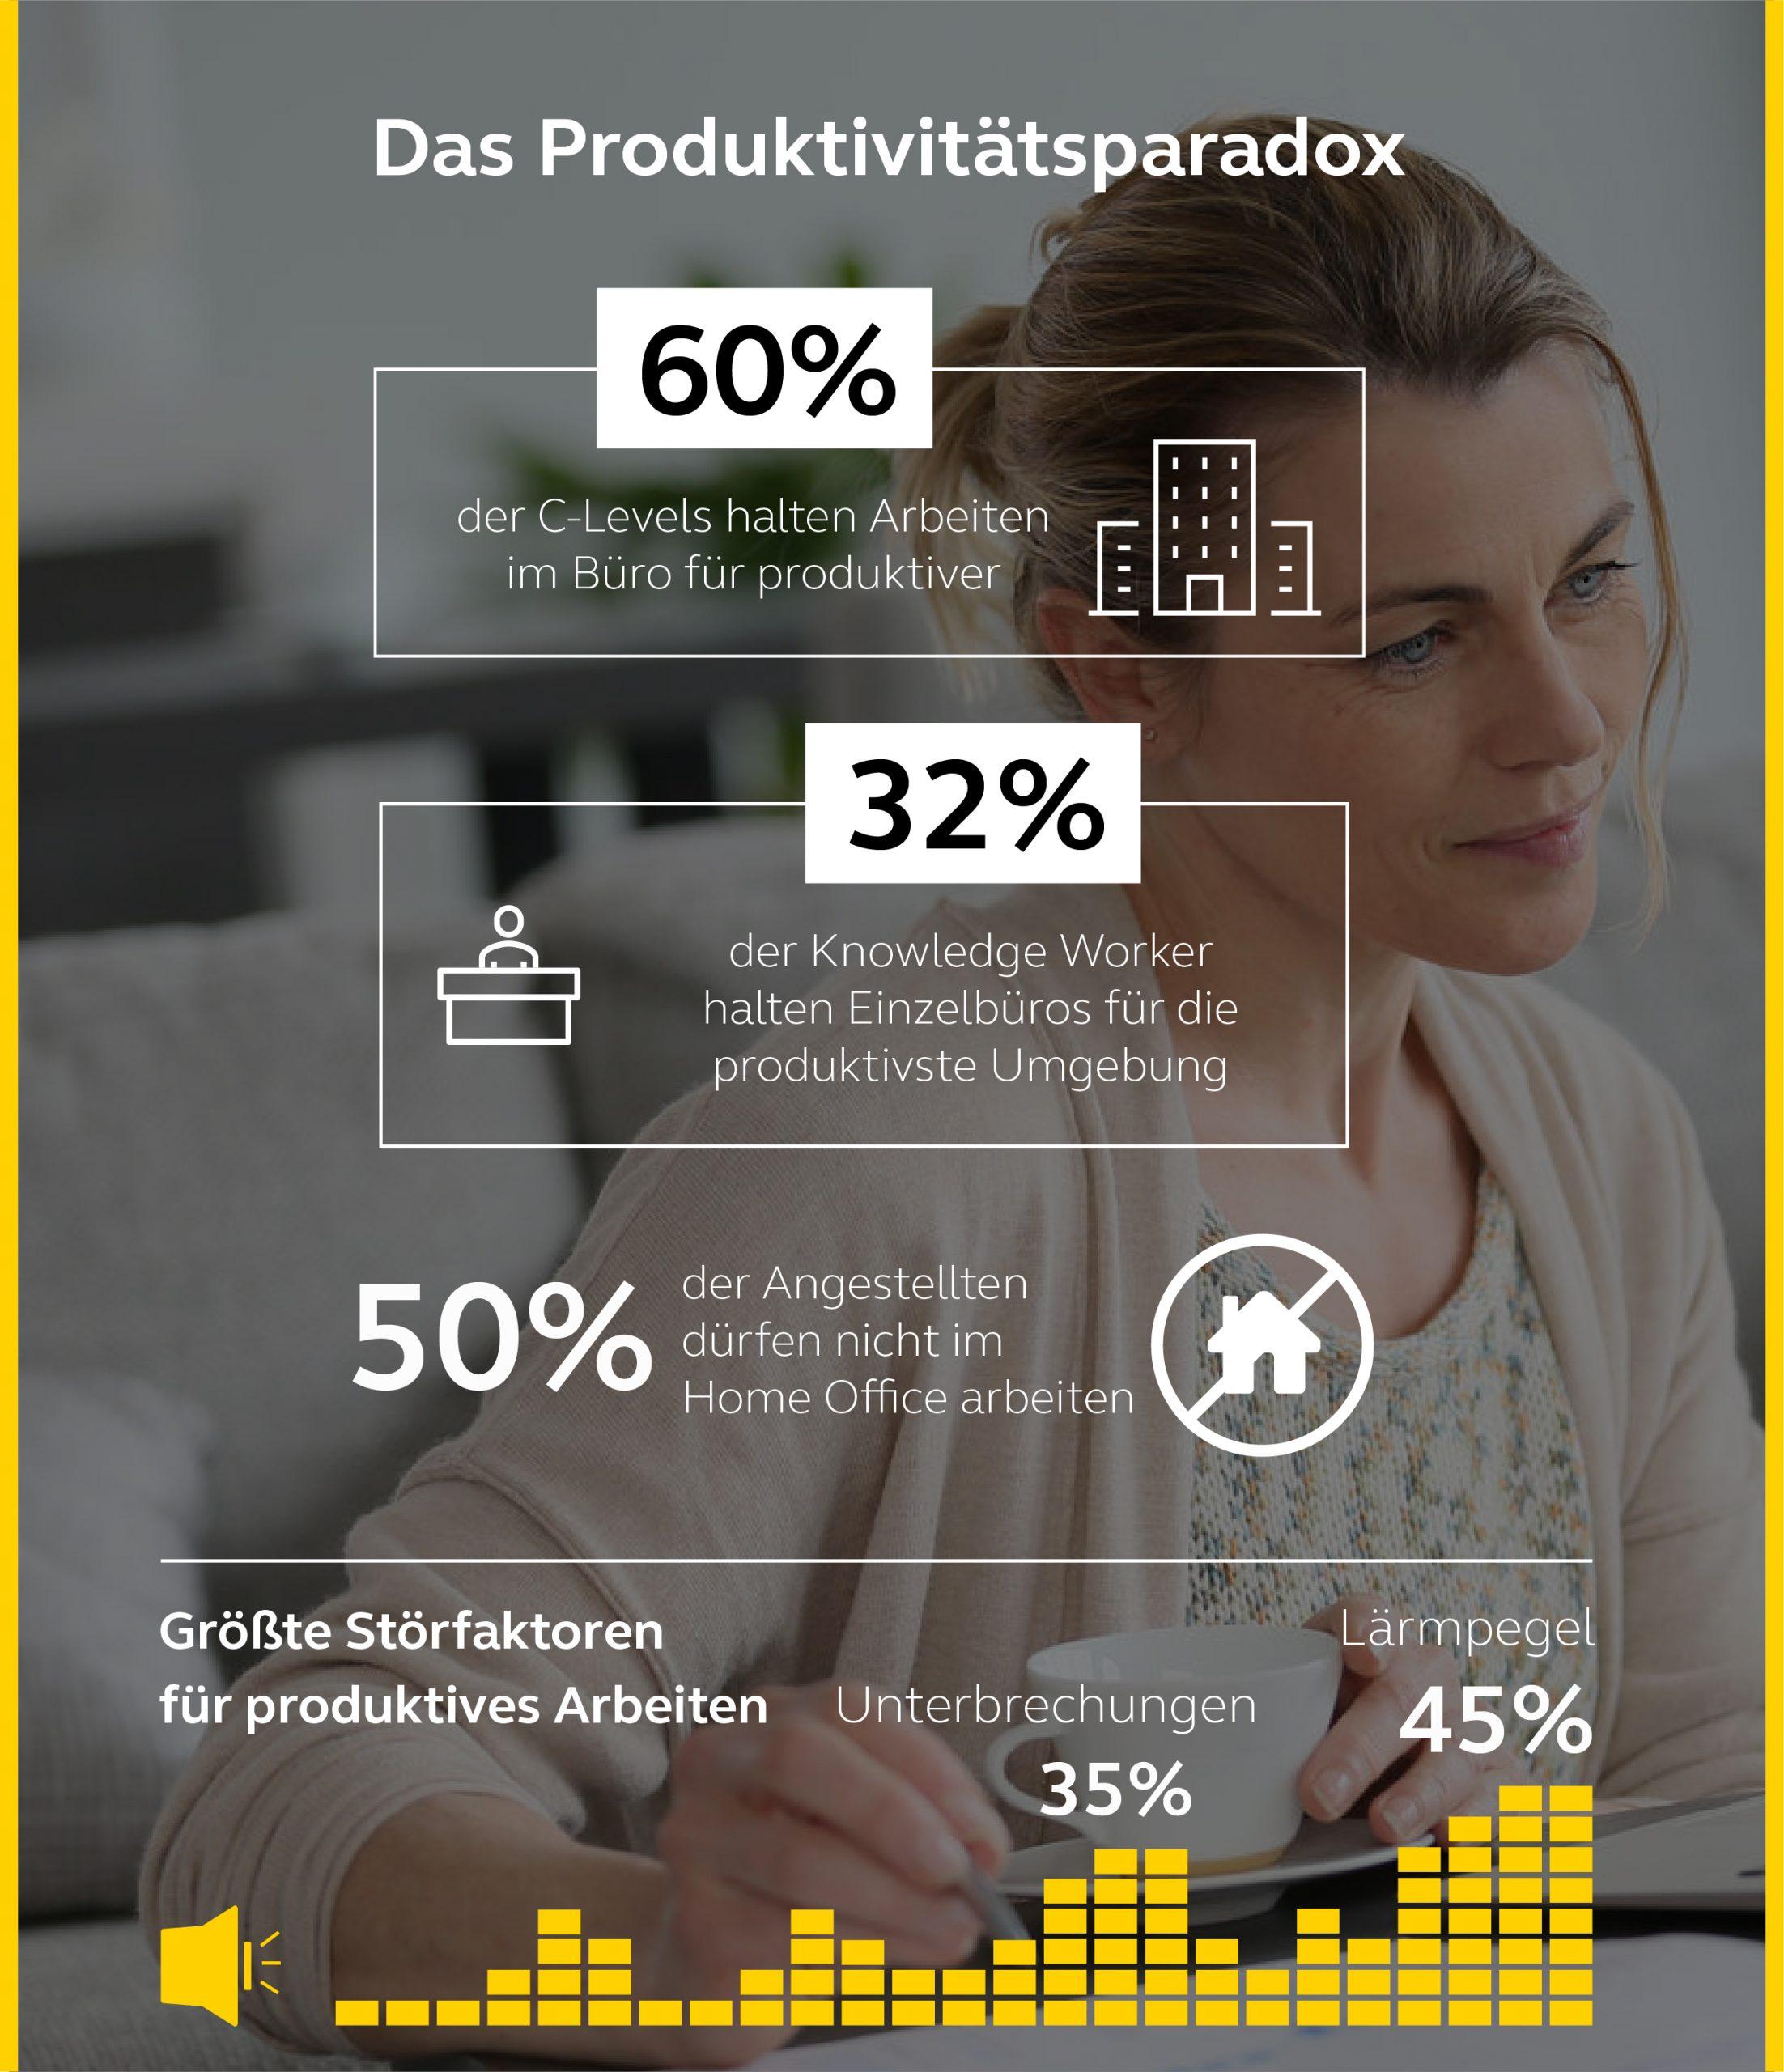 Jabra_Report_Infographic_DE-02-scaled Jabra Führungskräfte-Studie 2019: Ratlosigkeit bei Produktivitätsmessung und -steigerung